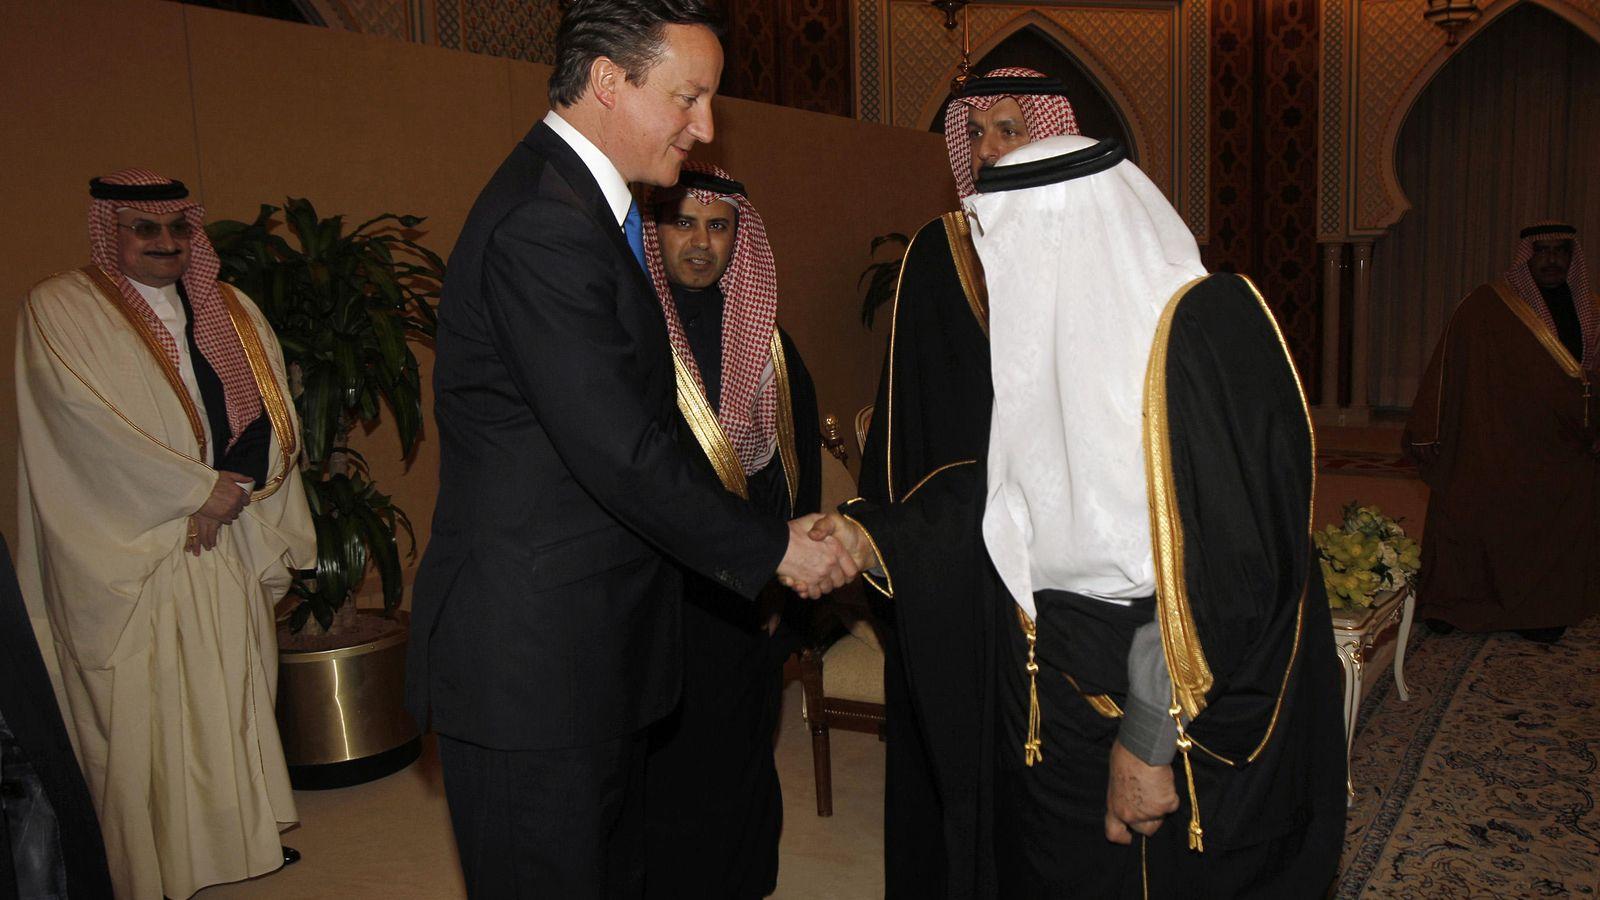 Foto: El primer ministro David Cameron junto al príncipe Nayef durante una vista del 'premier' a Riad, Arabia Saudí, el 13 de enero de 2012 (Reuters).